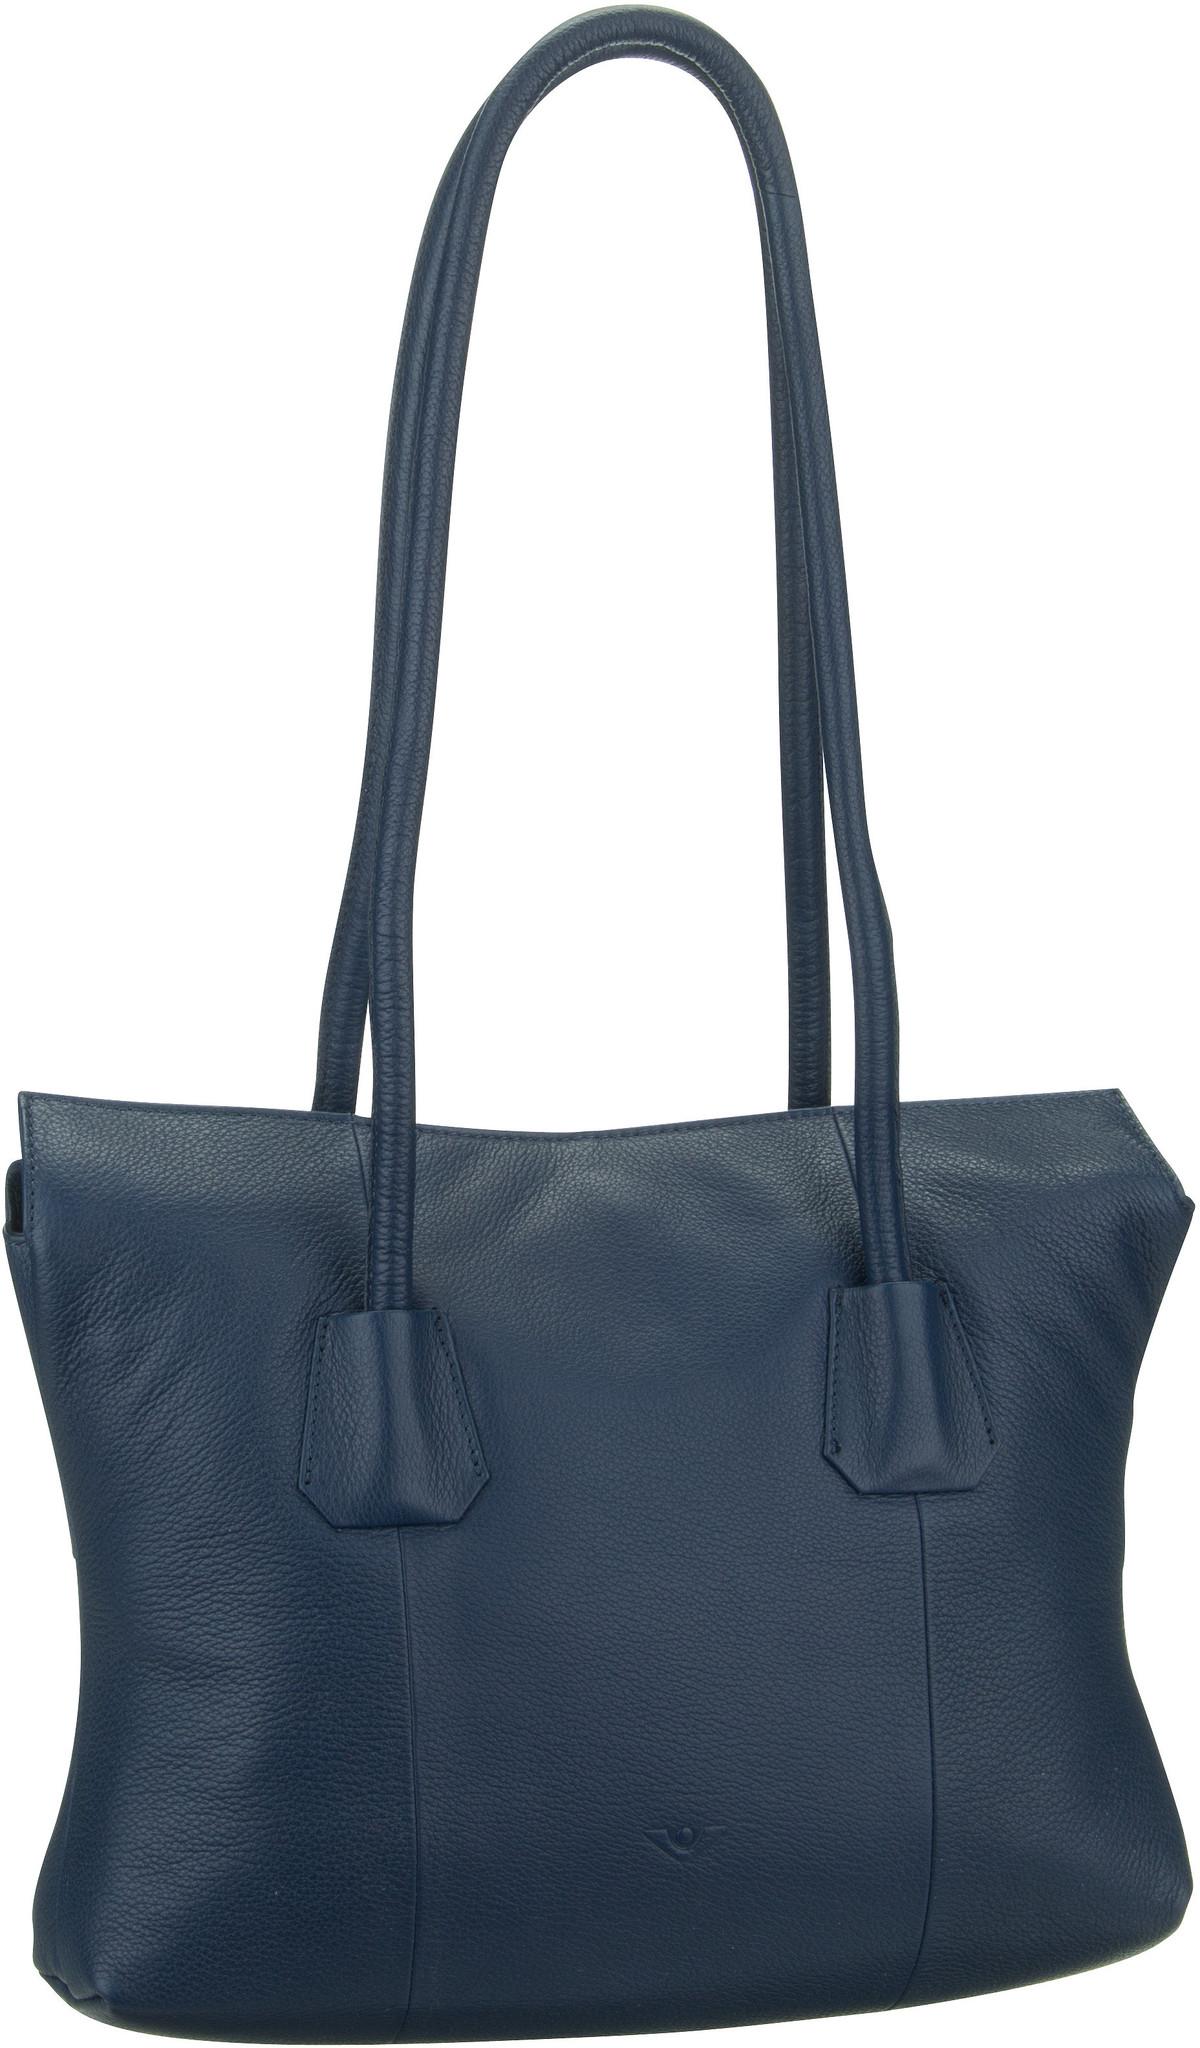 Voi Handtasche Deluxe 30462 Hobo Bag Blau